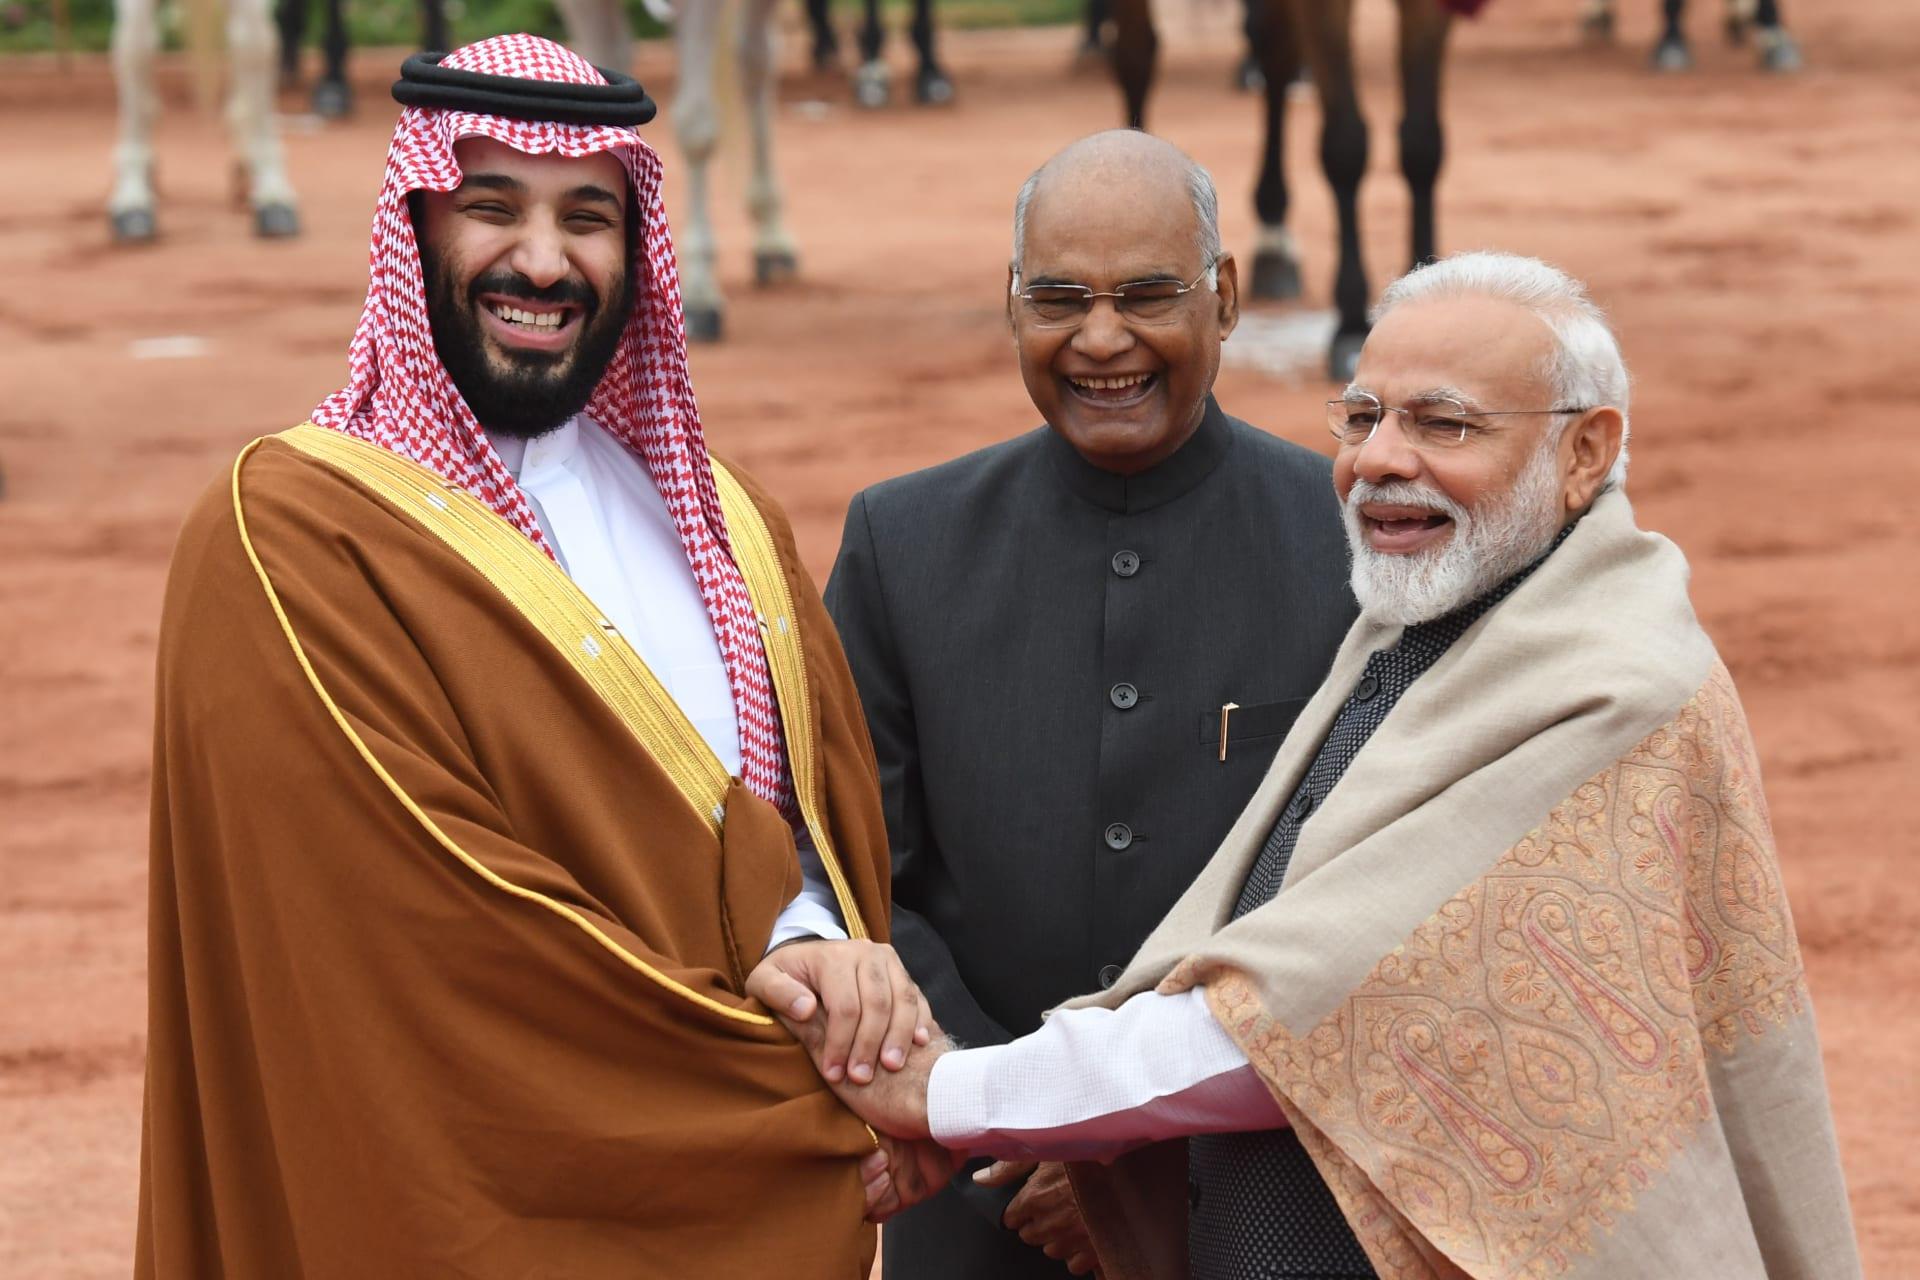 محمد بن سلمان: نستهدف استثمارات تفوق 100 مليار دولار في الهند خلال عامين